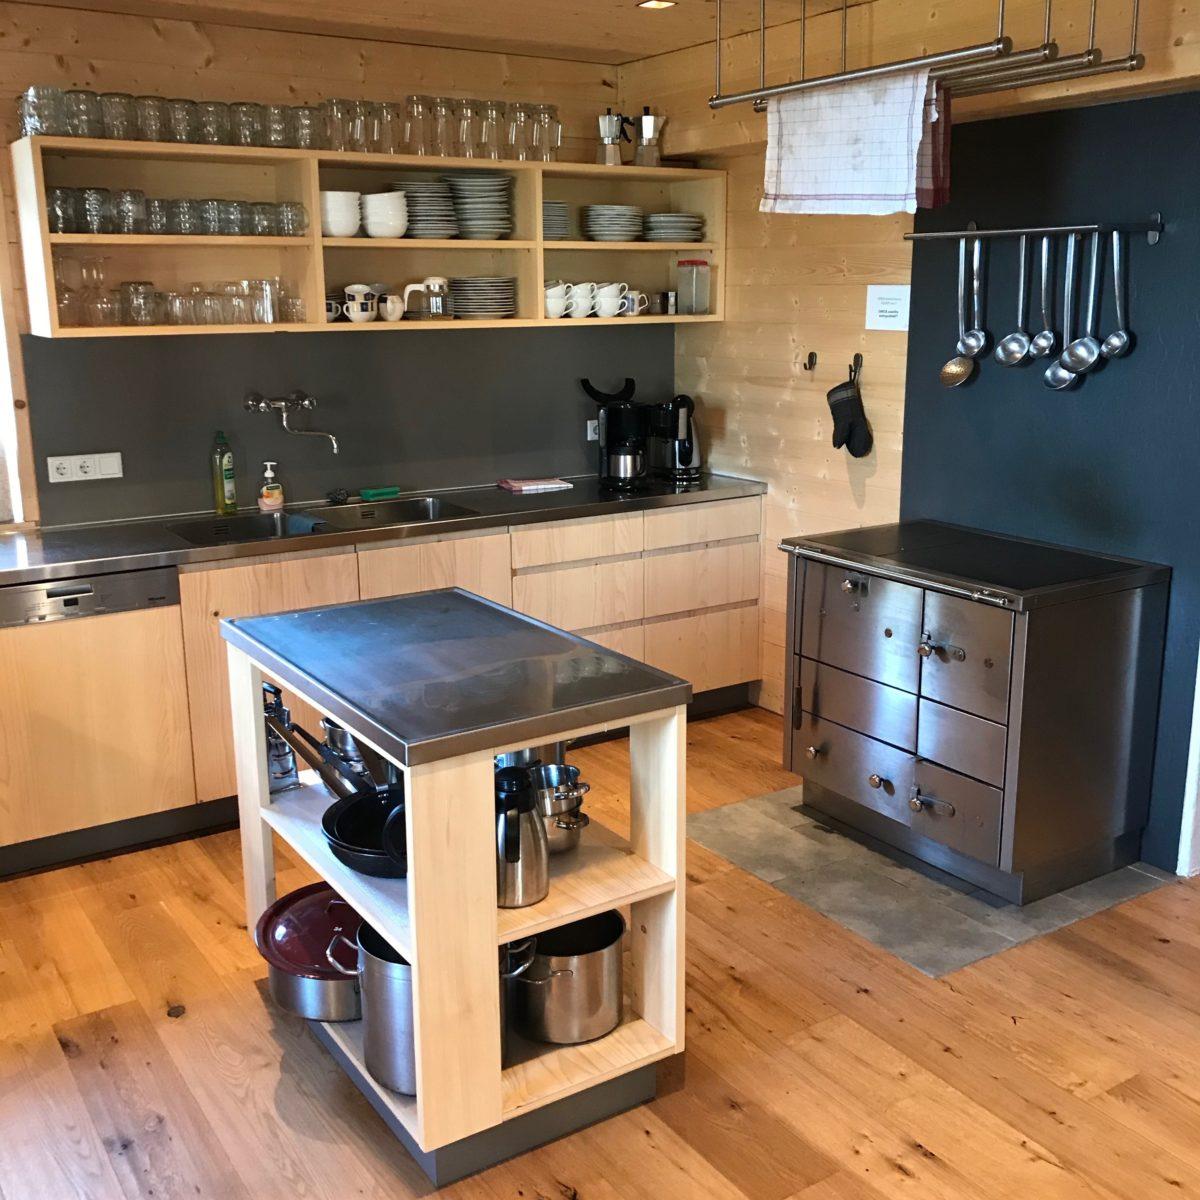 Ausreichend Platz zum Kochen